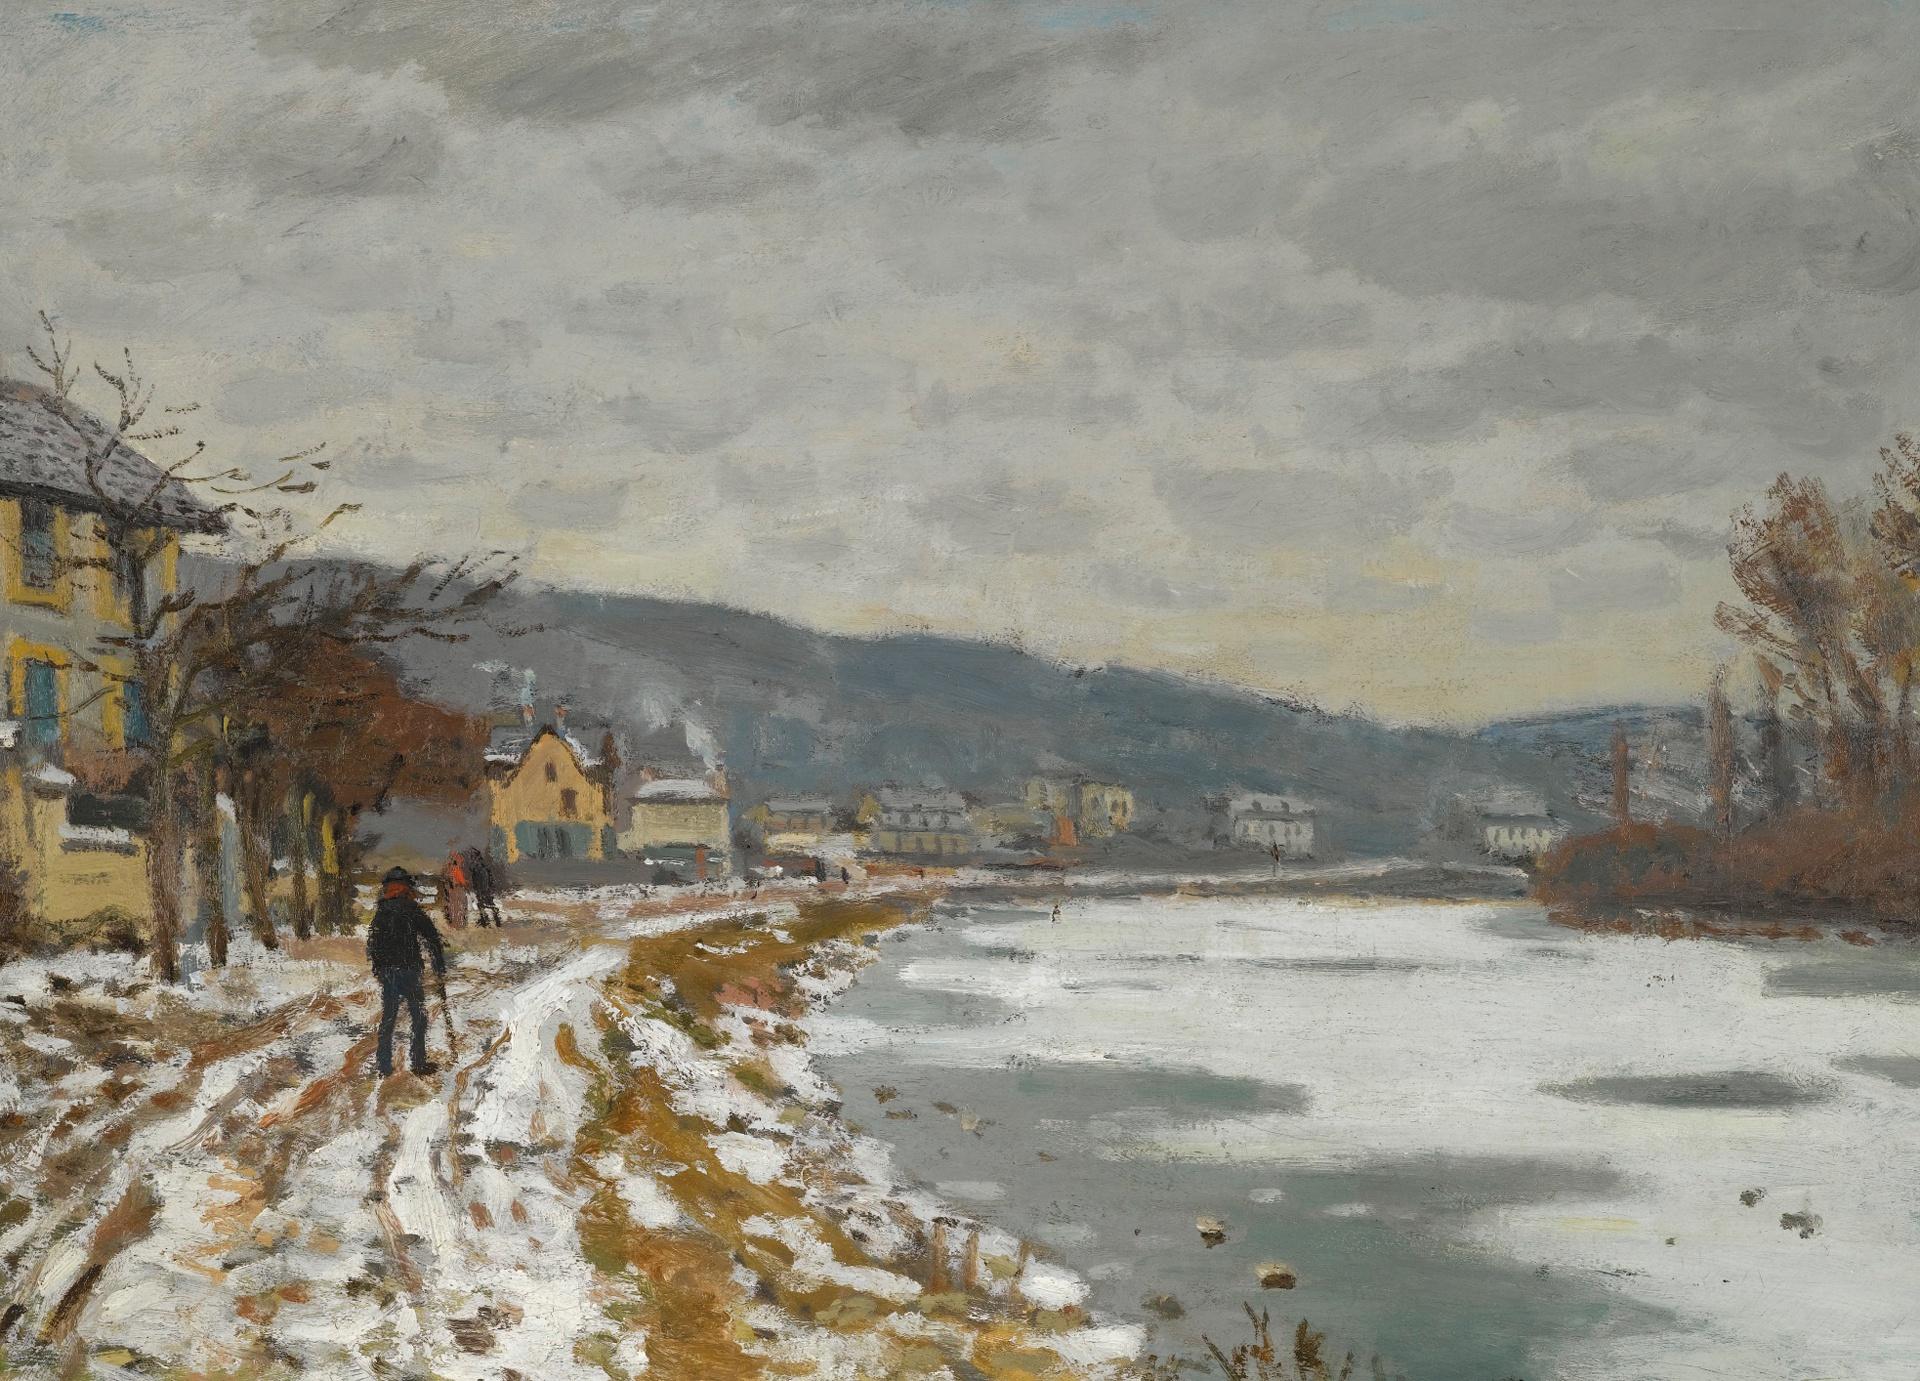 речной пейзаж < Сена, Буживаль >:: Клод Моне, описание картины - Моне Клод (Claude Monet) фото